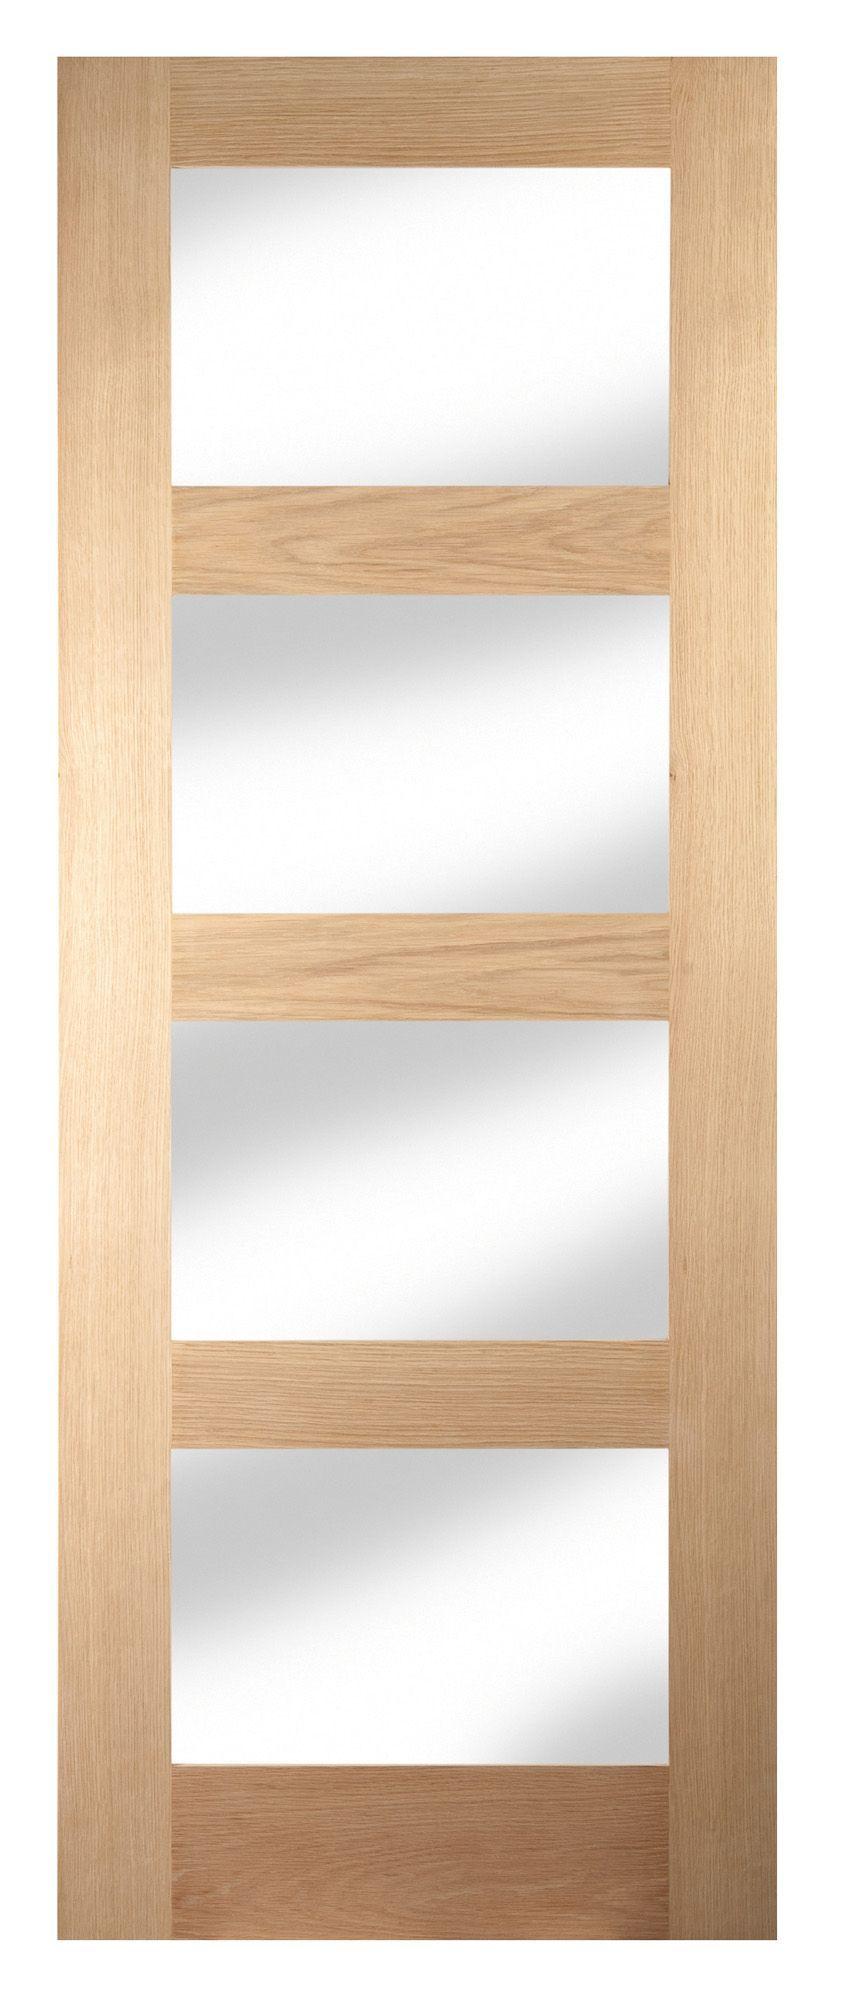 4 panel shaker oak veneer glazed internal standard door for Wood veneer garage doors